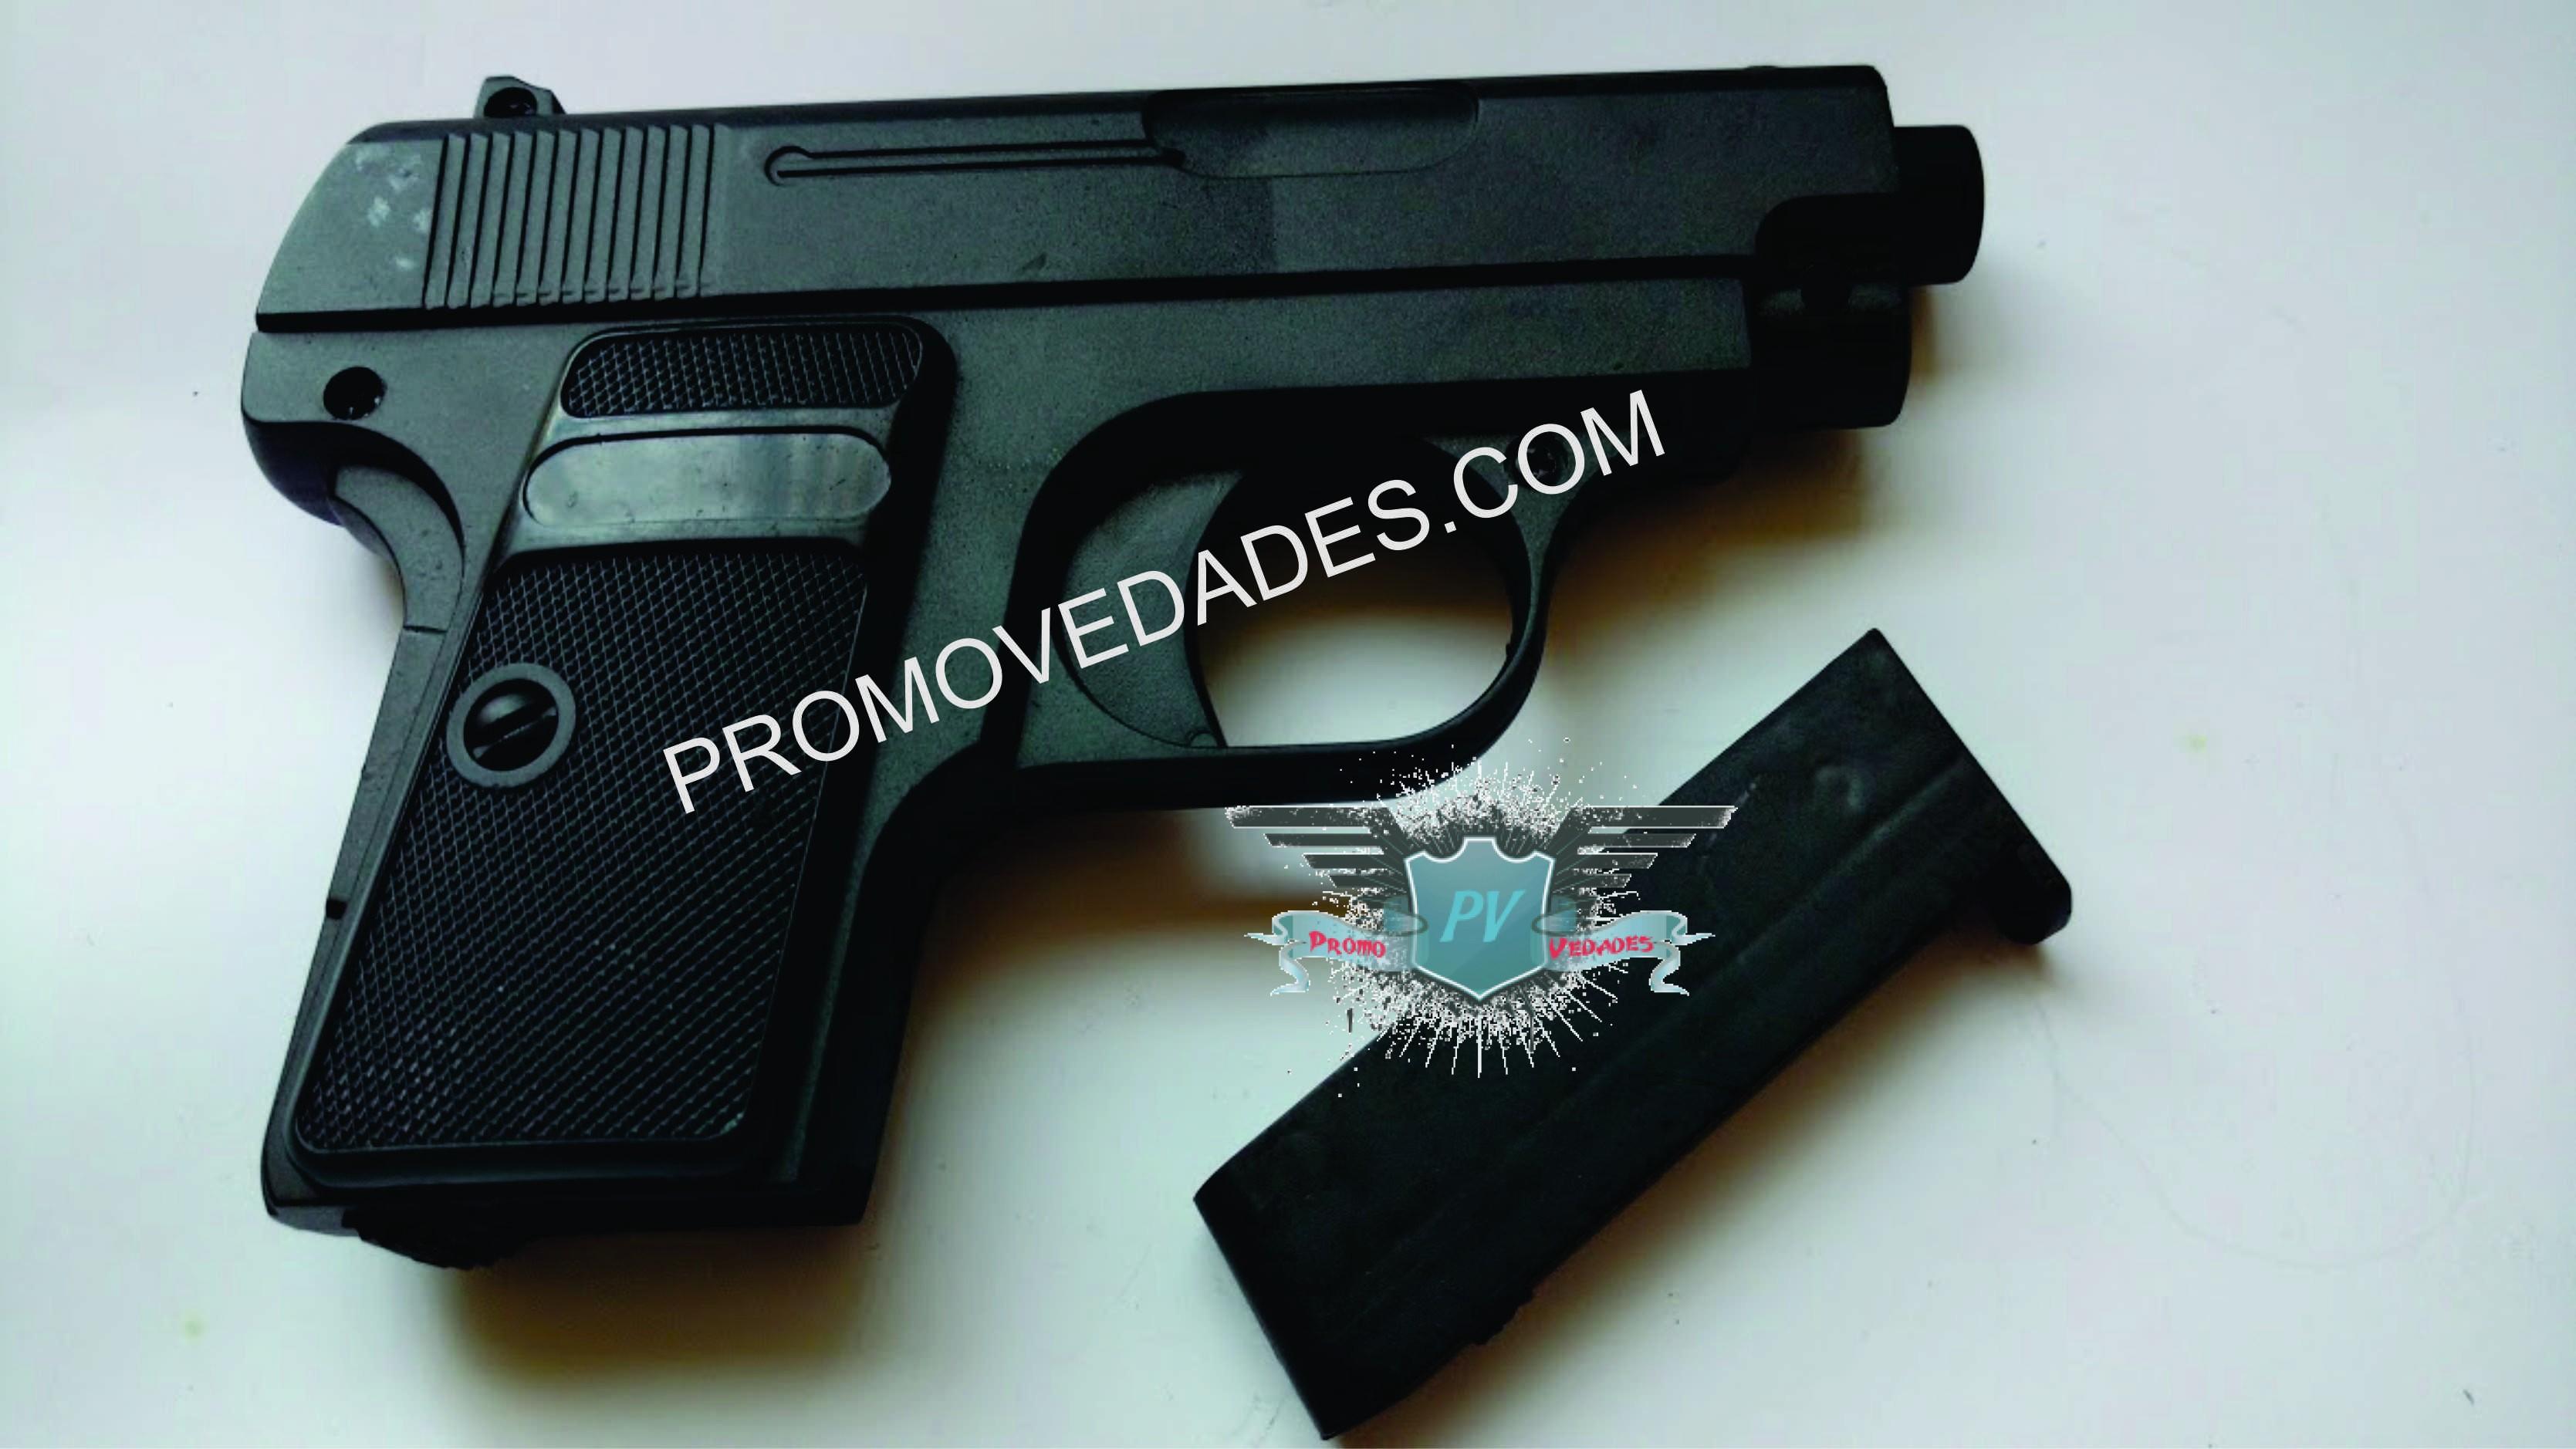 Promovedades | REPLICA COLT cal 25 resorte 6mm METALICA